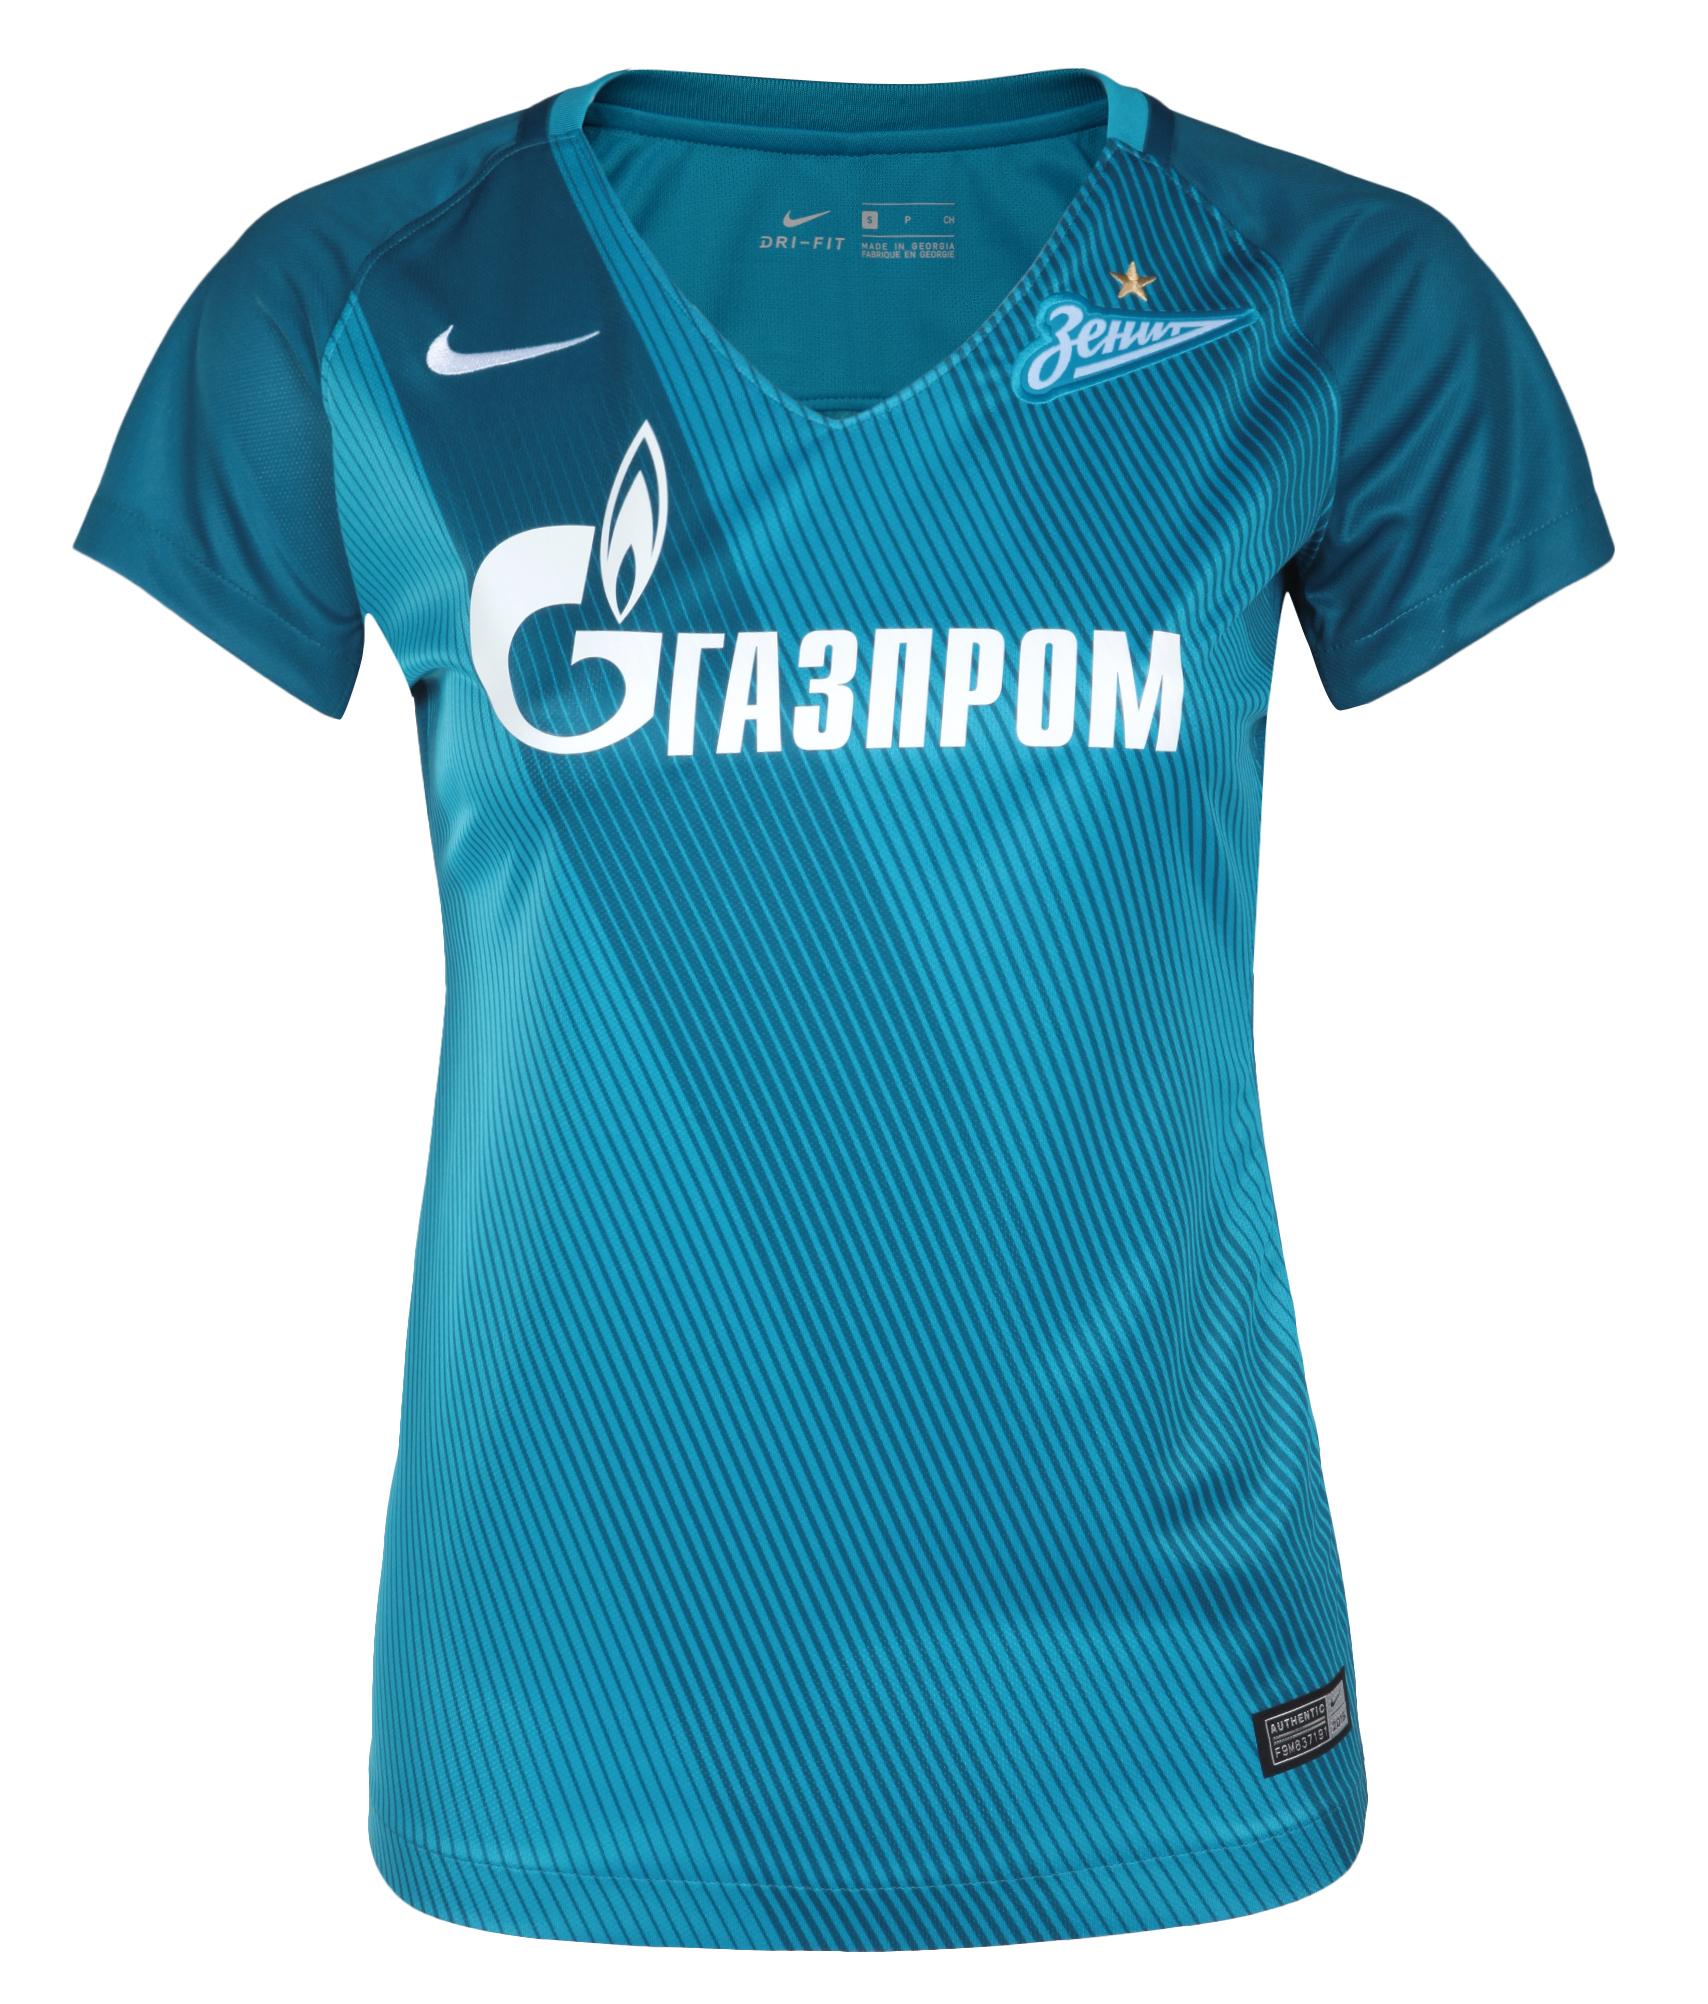 Женская игровая футболка, Цвет-Синий, Размер-S